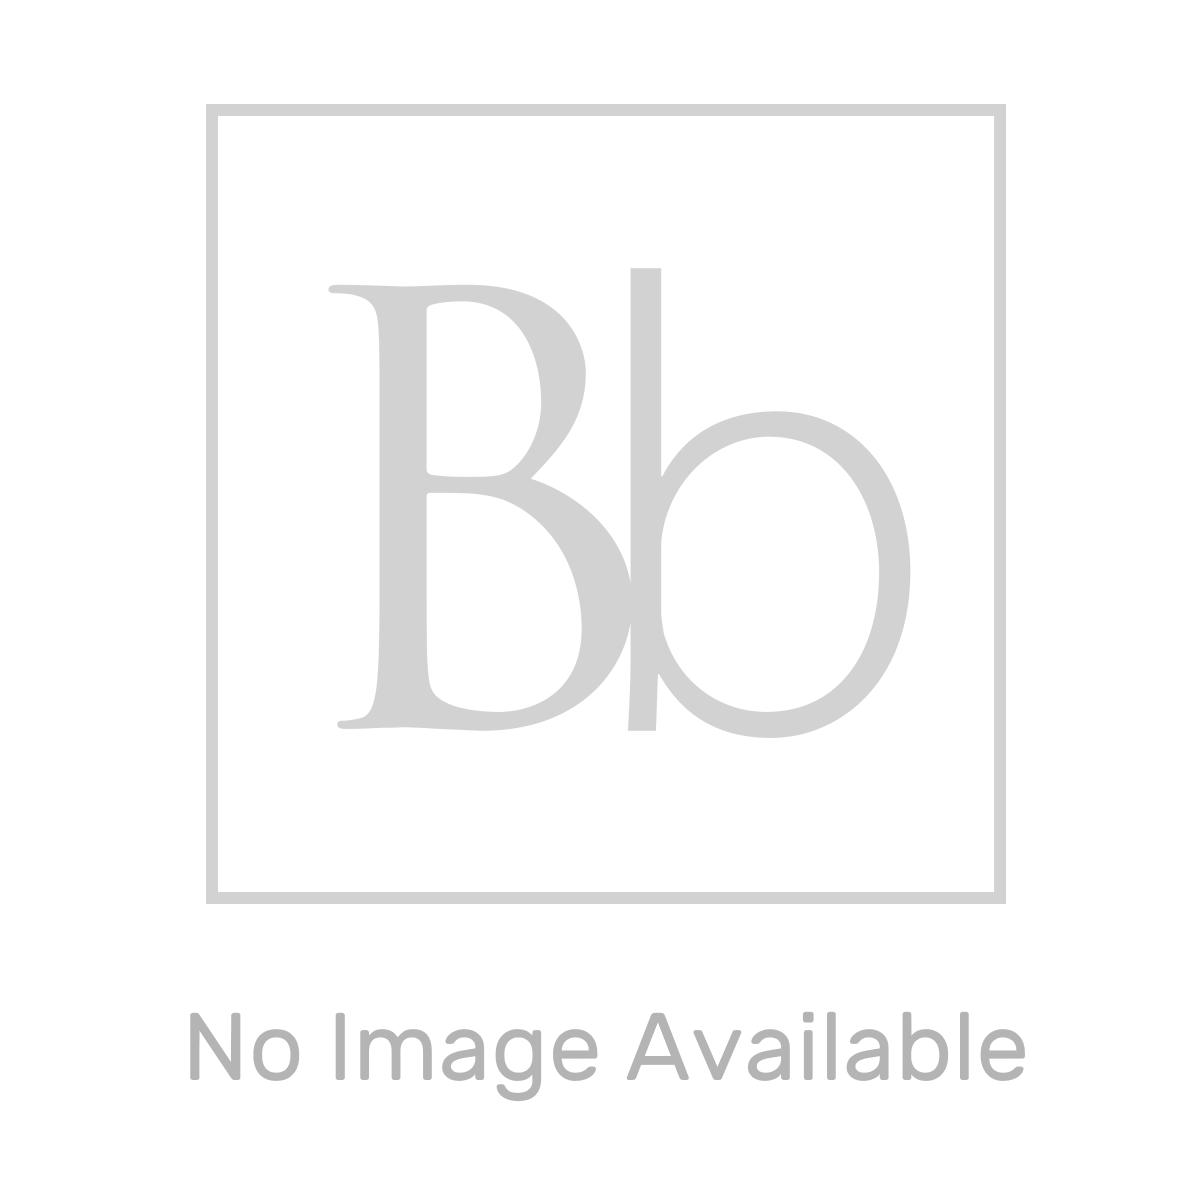 HiB Infuse Round Chrome LED Showerlight